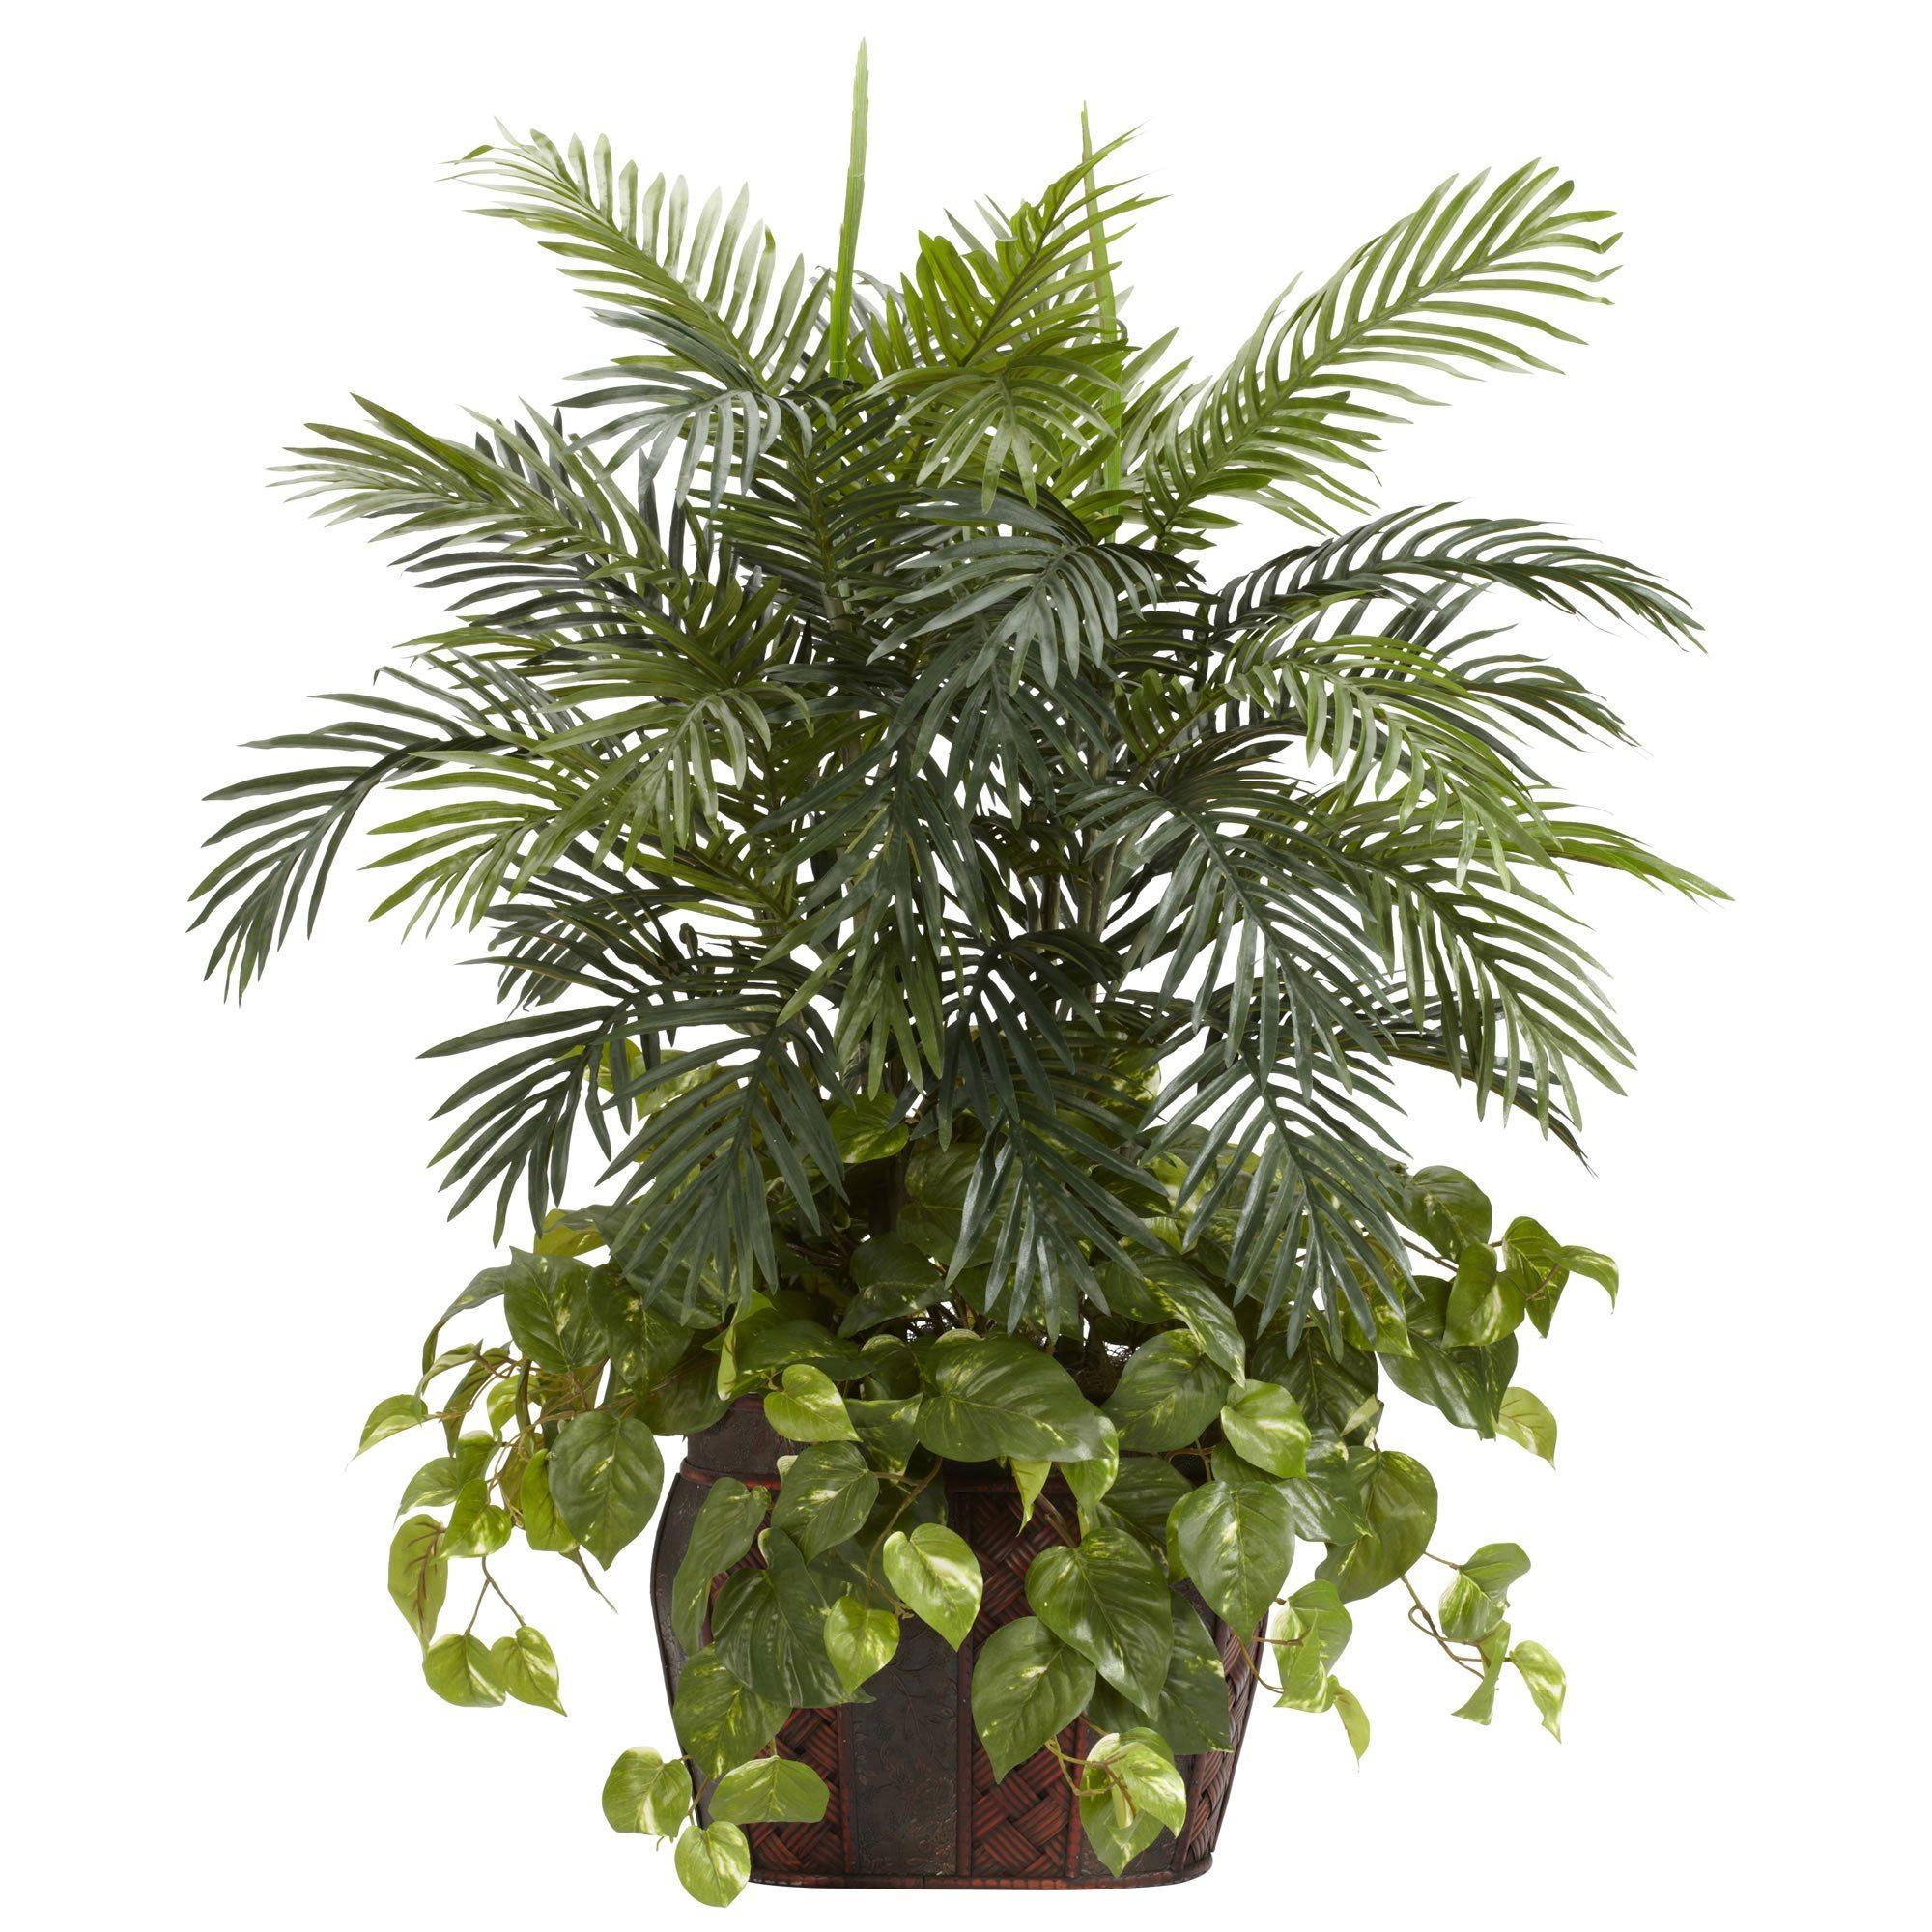 35 Double Areca Wvase & Pothos Silk Plant Great For